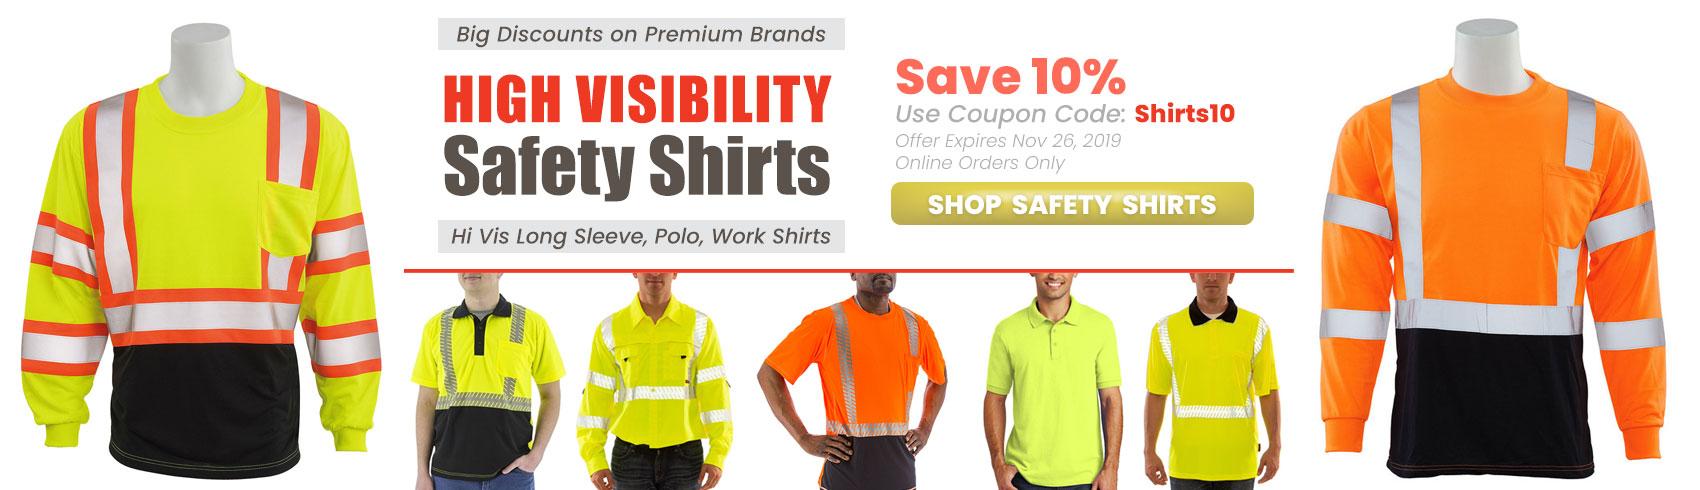 Hi Vis Safety Shirts - special offer